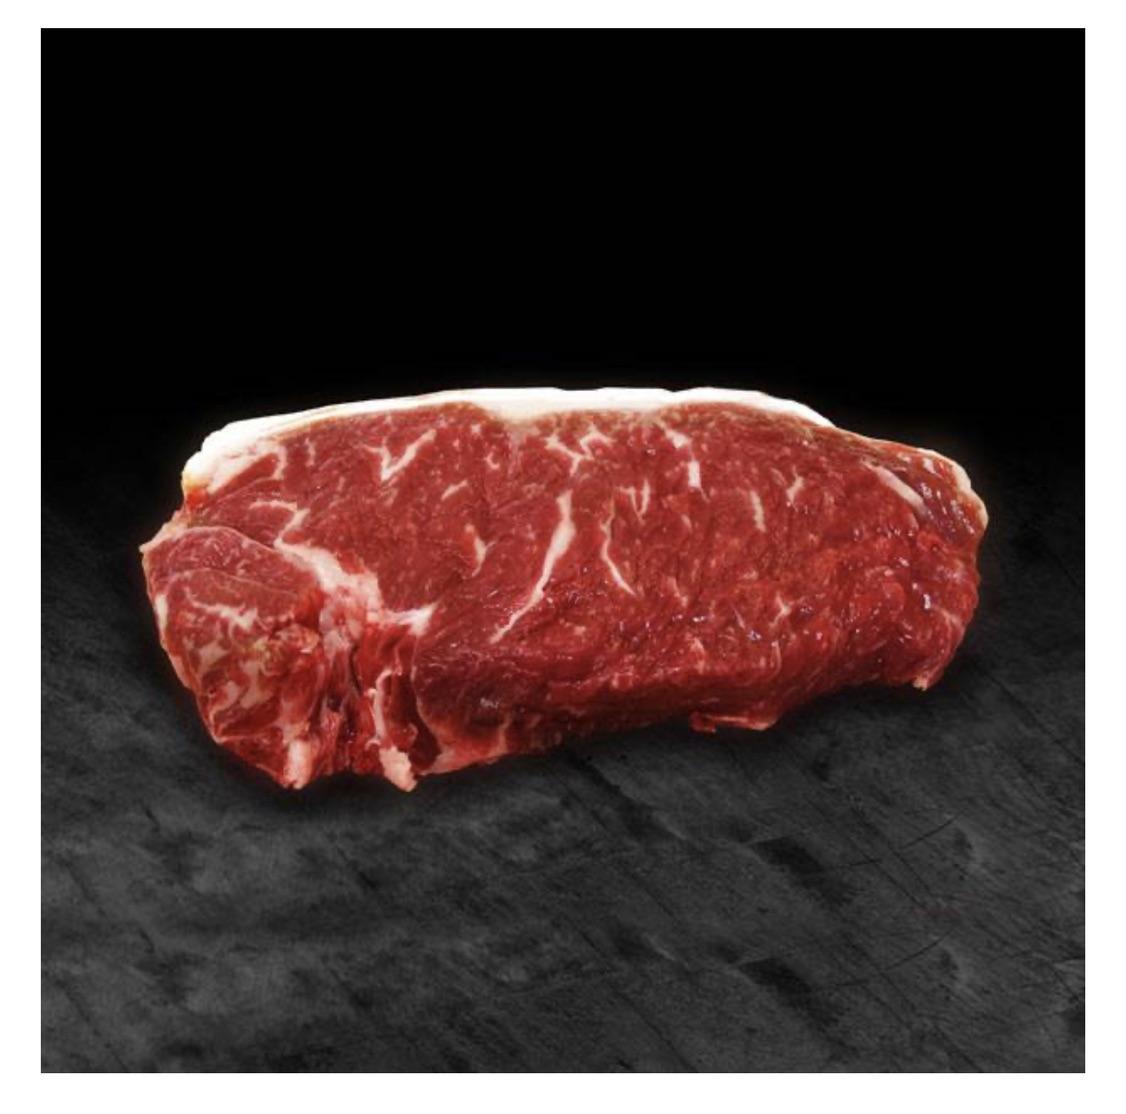 【聊天】大家会特别追求肉的新鲜程度和品质吗?